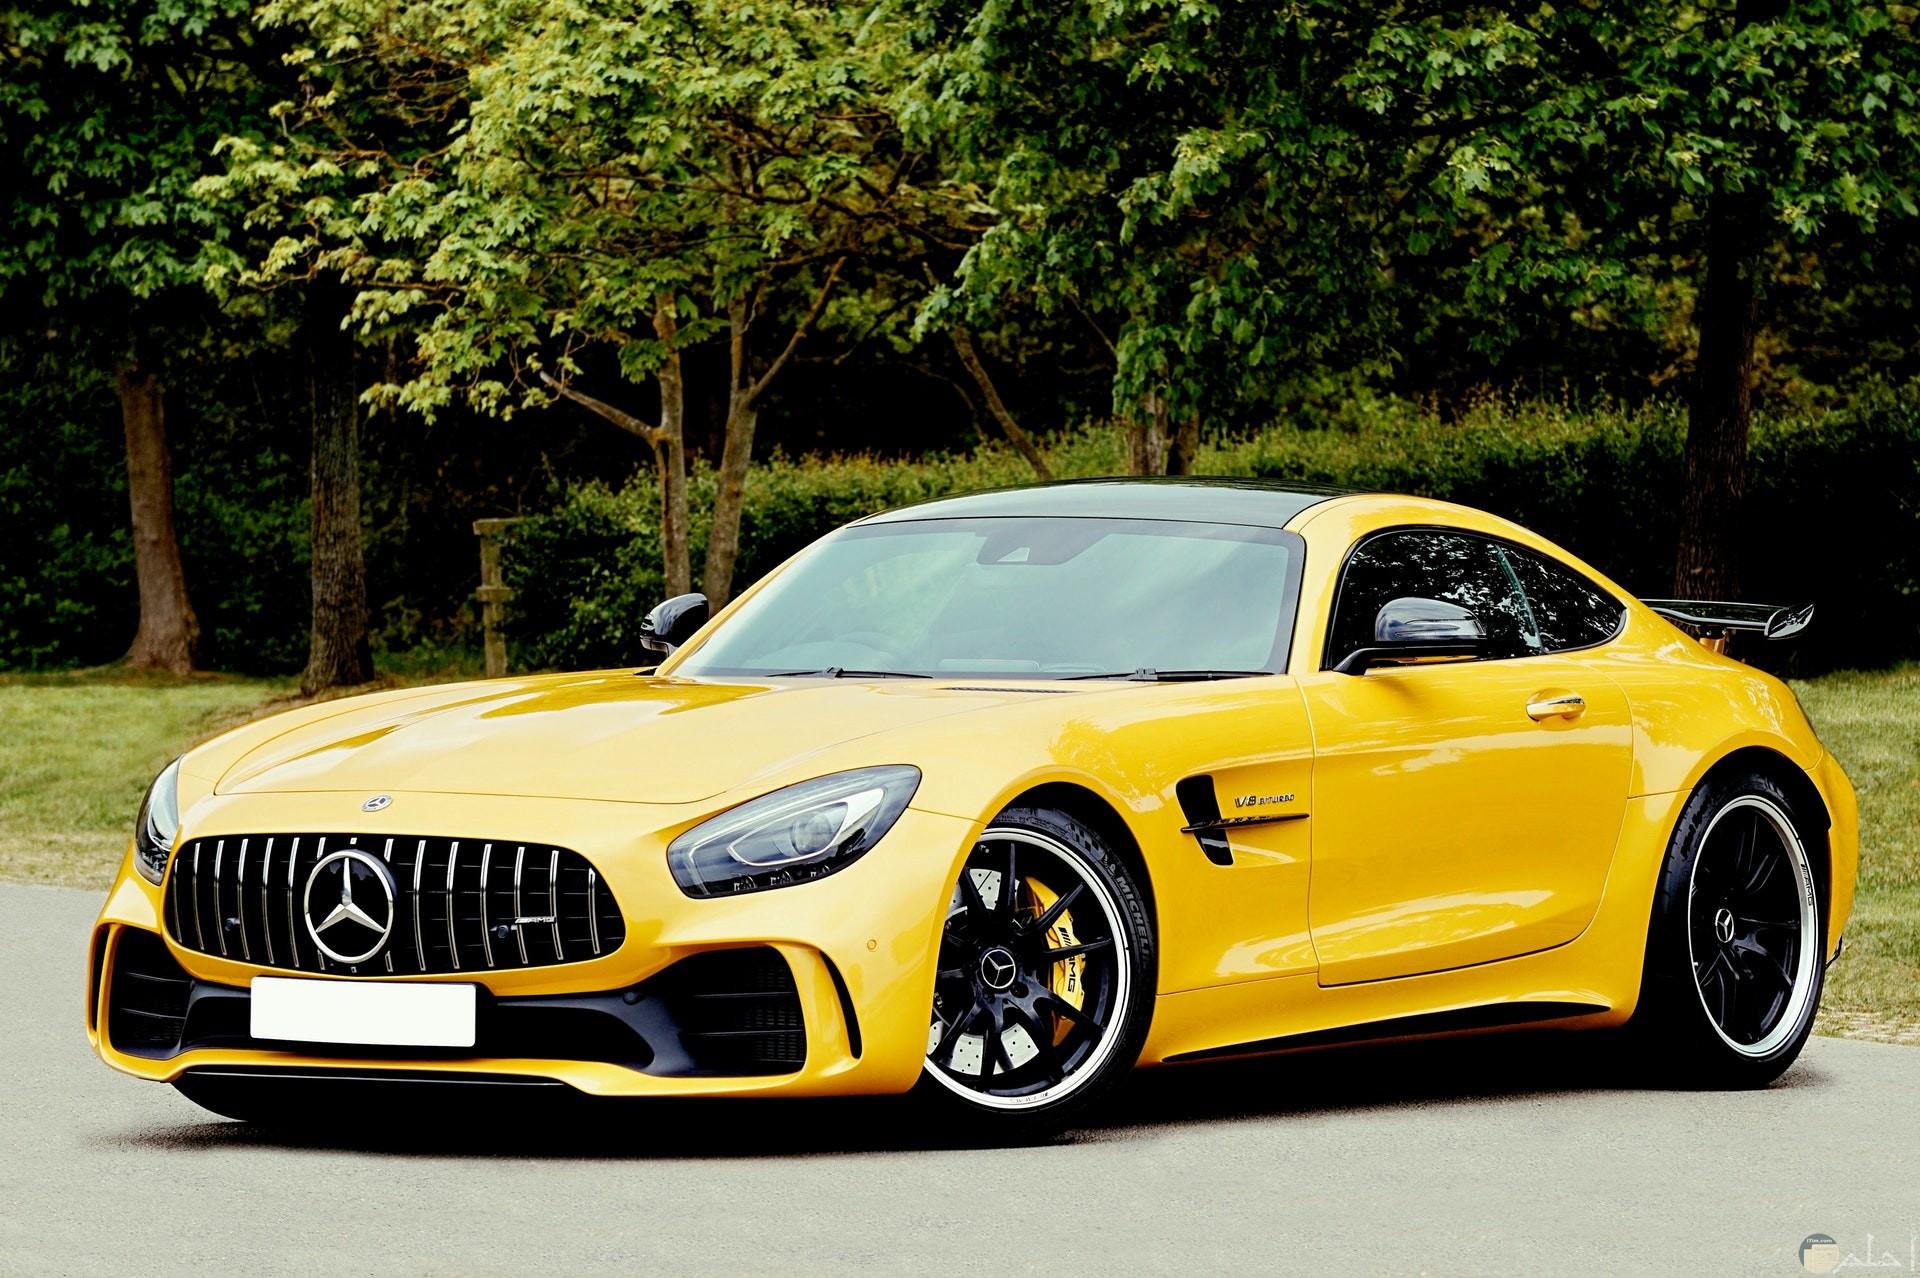 صورة جميلة ومميزة لسيارة مرسيدس بنز باللون الأصفر